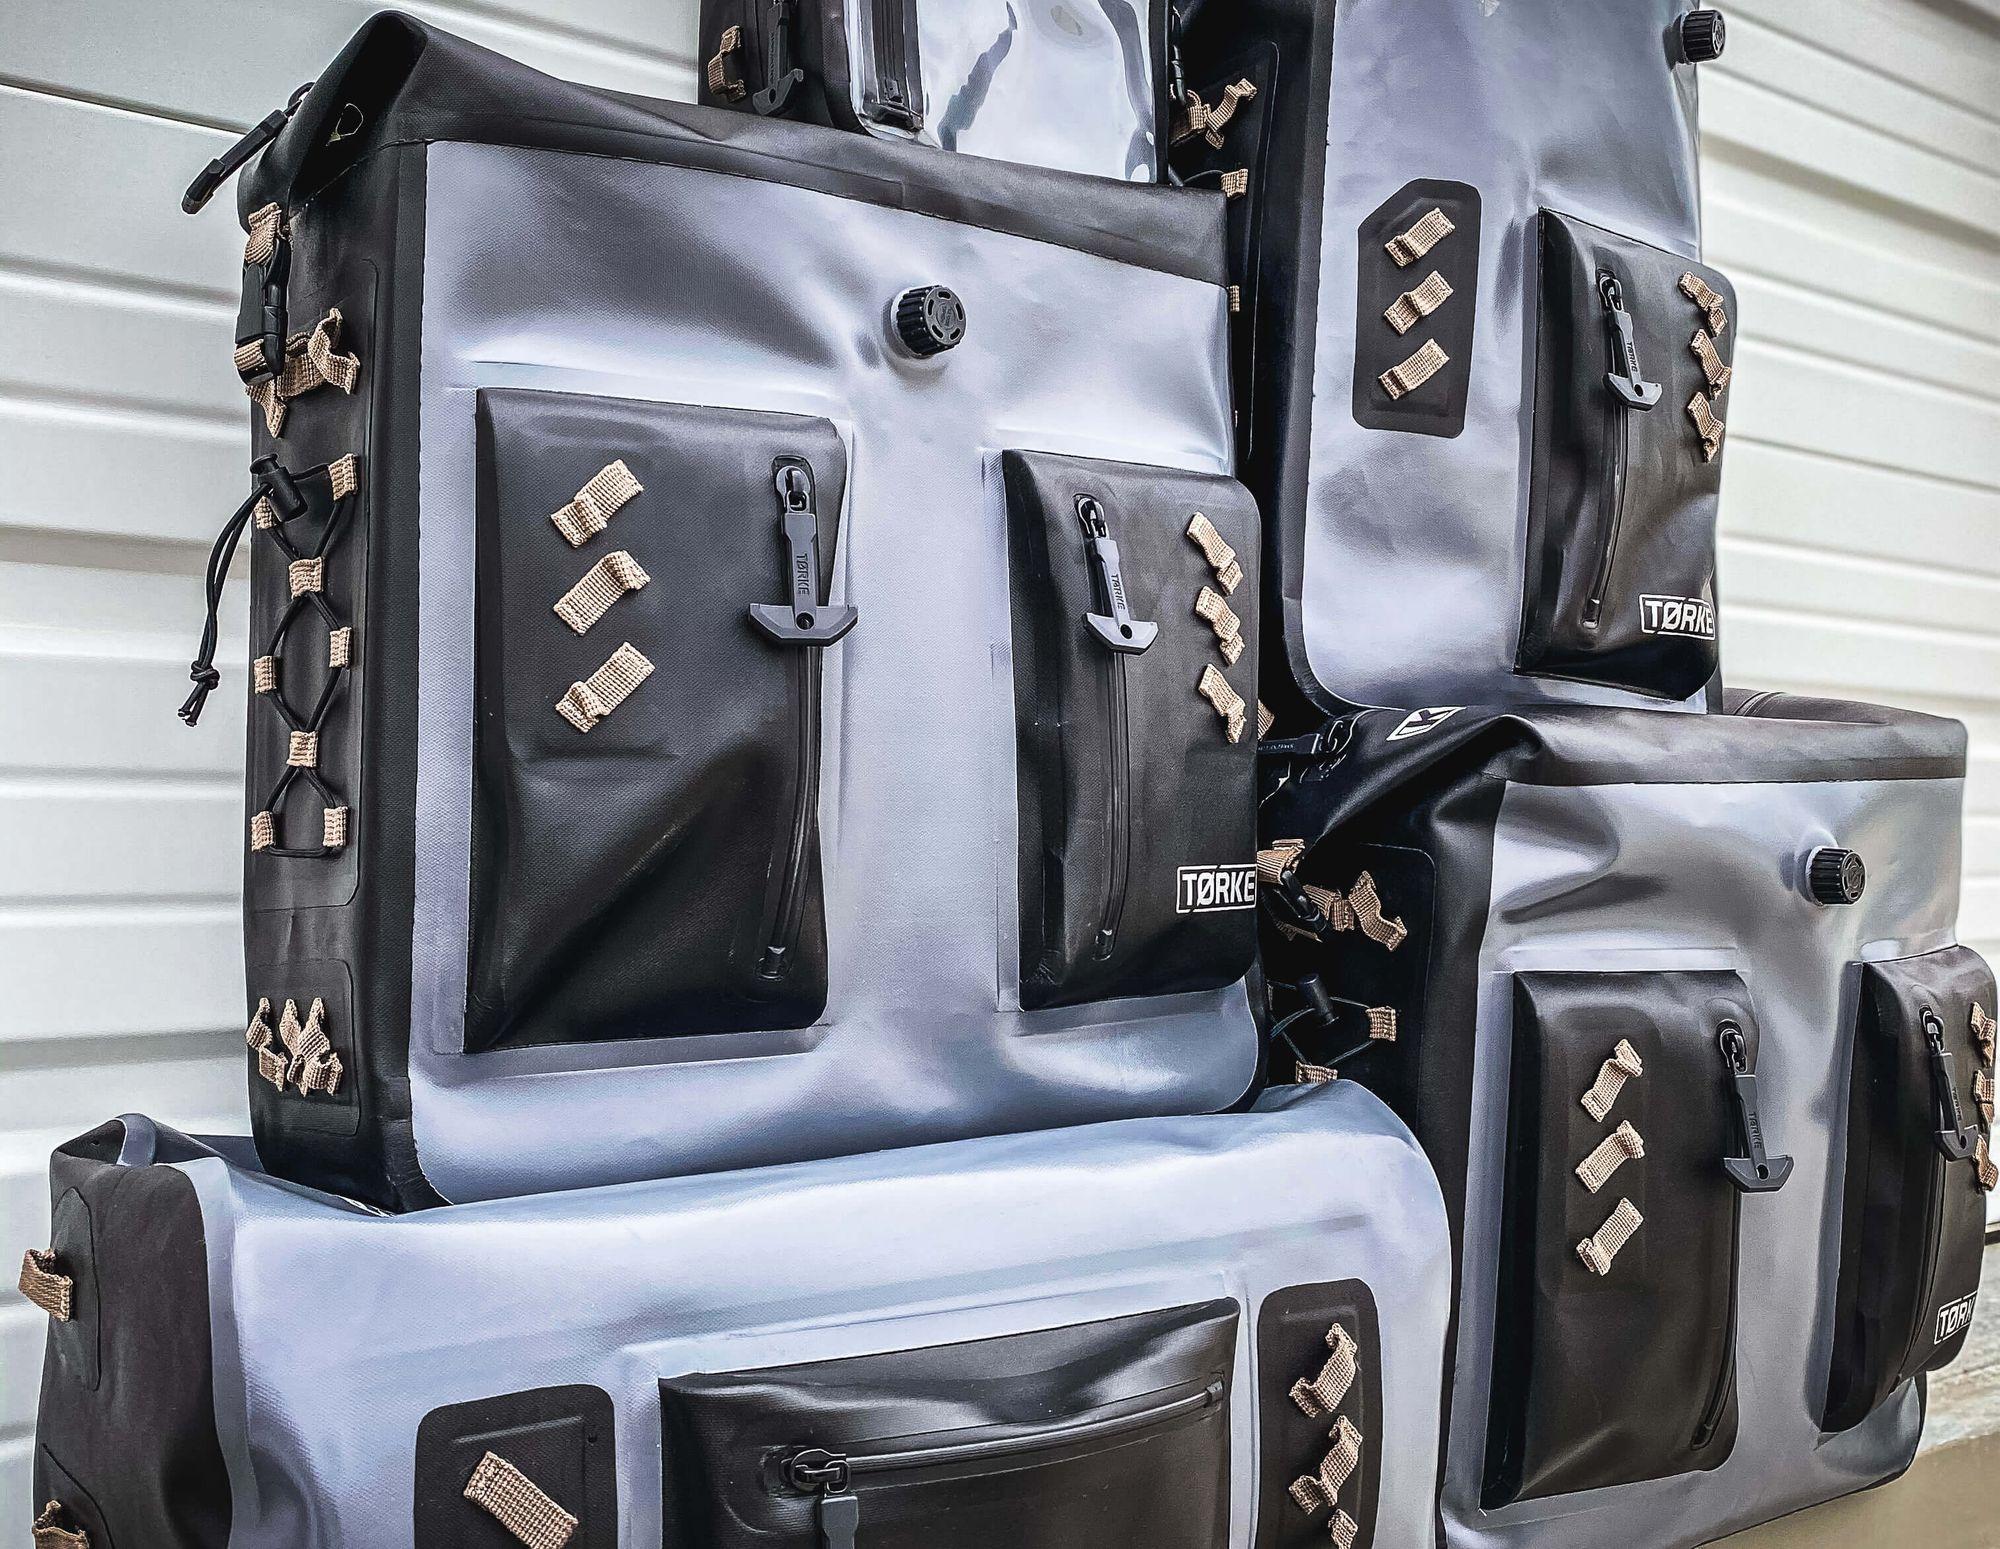 Kuryakyn Torke Luggage Review